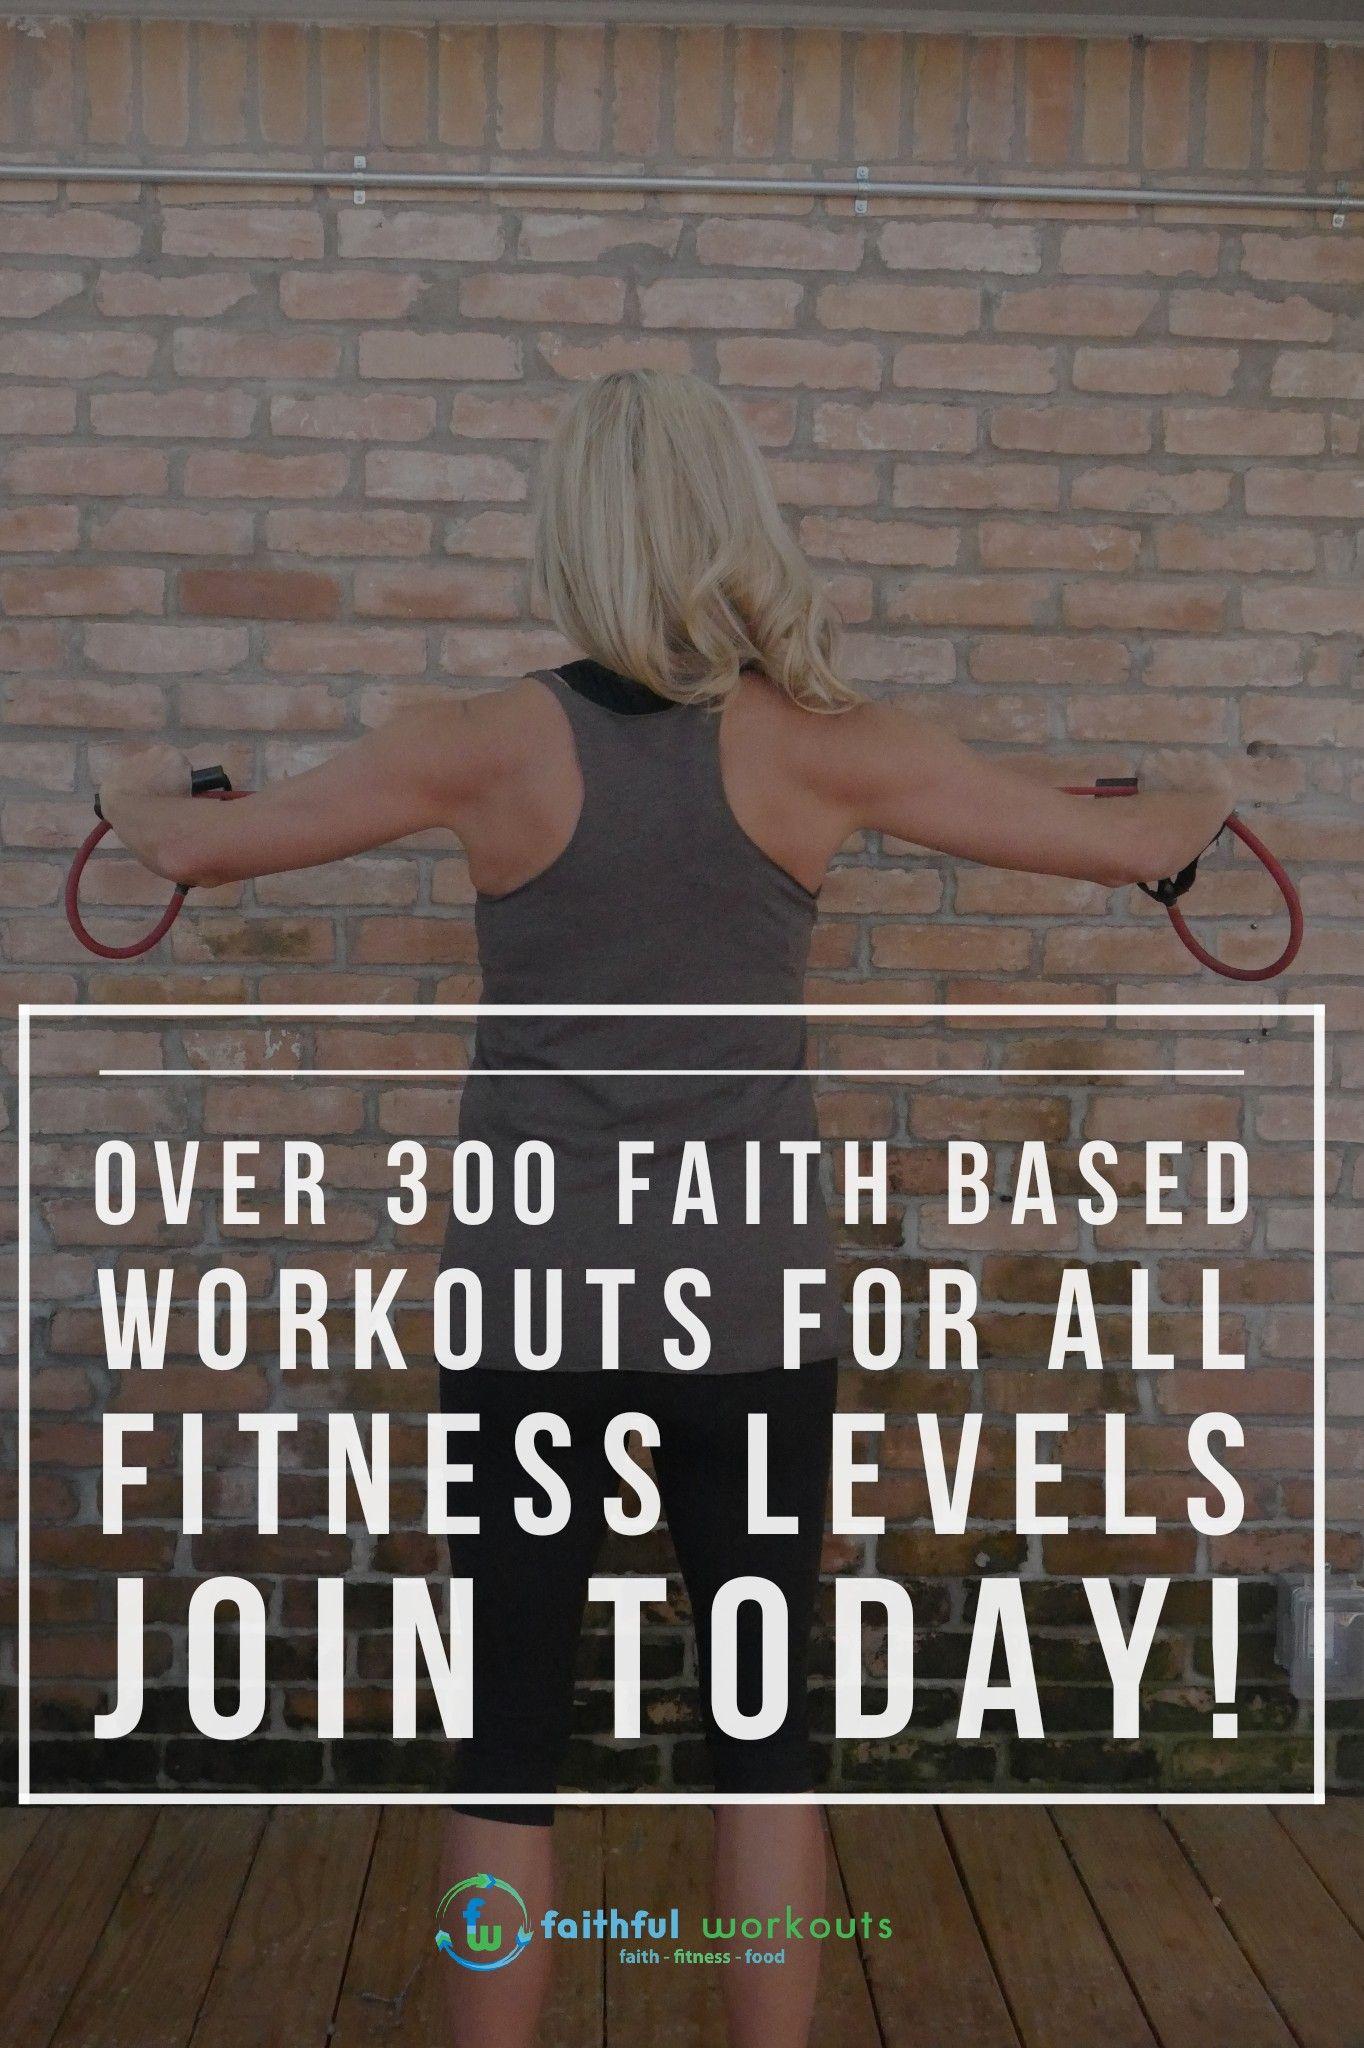 Faith Fitness Food Faithful Workouts Christian Fitness Workout Faith